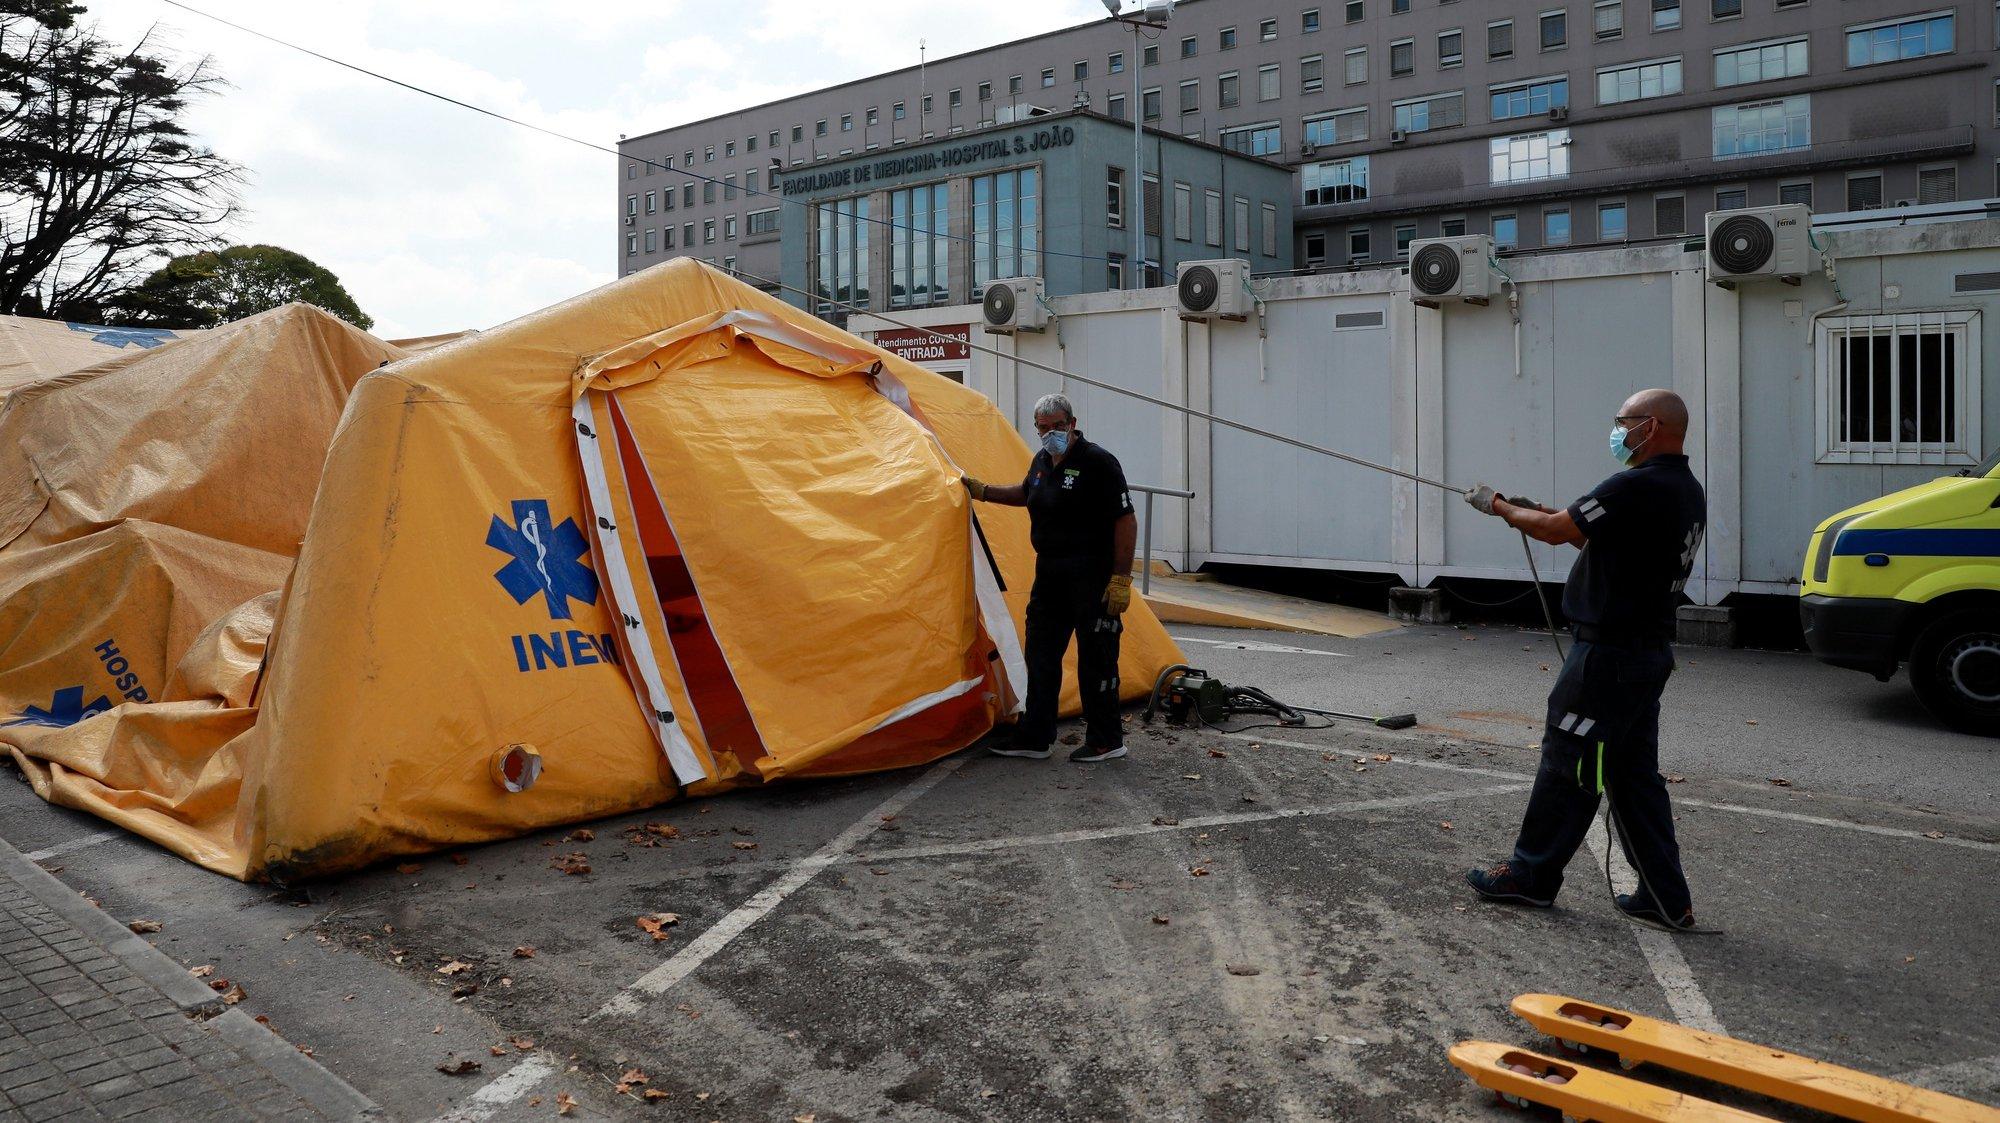 O hospital de campanha do Instituto Nacional de Emergência Médica (INEM) é desmontado um ano e meio após os primeiros infetados com covid-19 terem dado entrada no Centro Hospitalar Universitário de São João (CHUSJ) no Porto, 30 de agosto 2021. ESTELA SILVA/LUSA